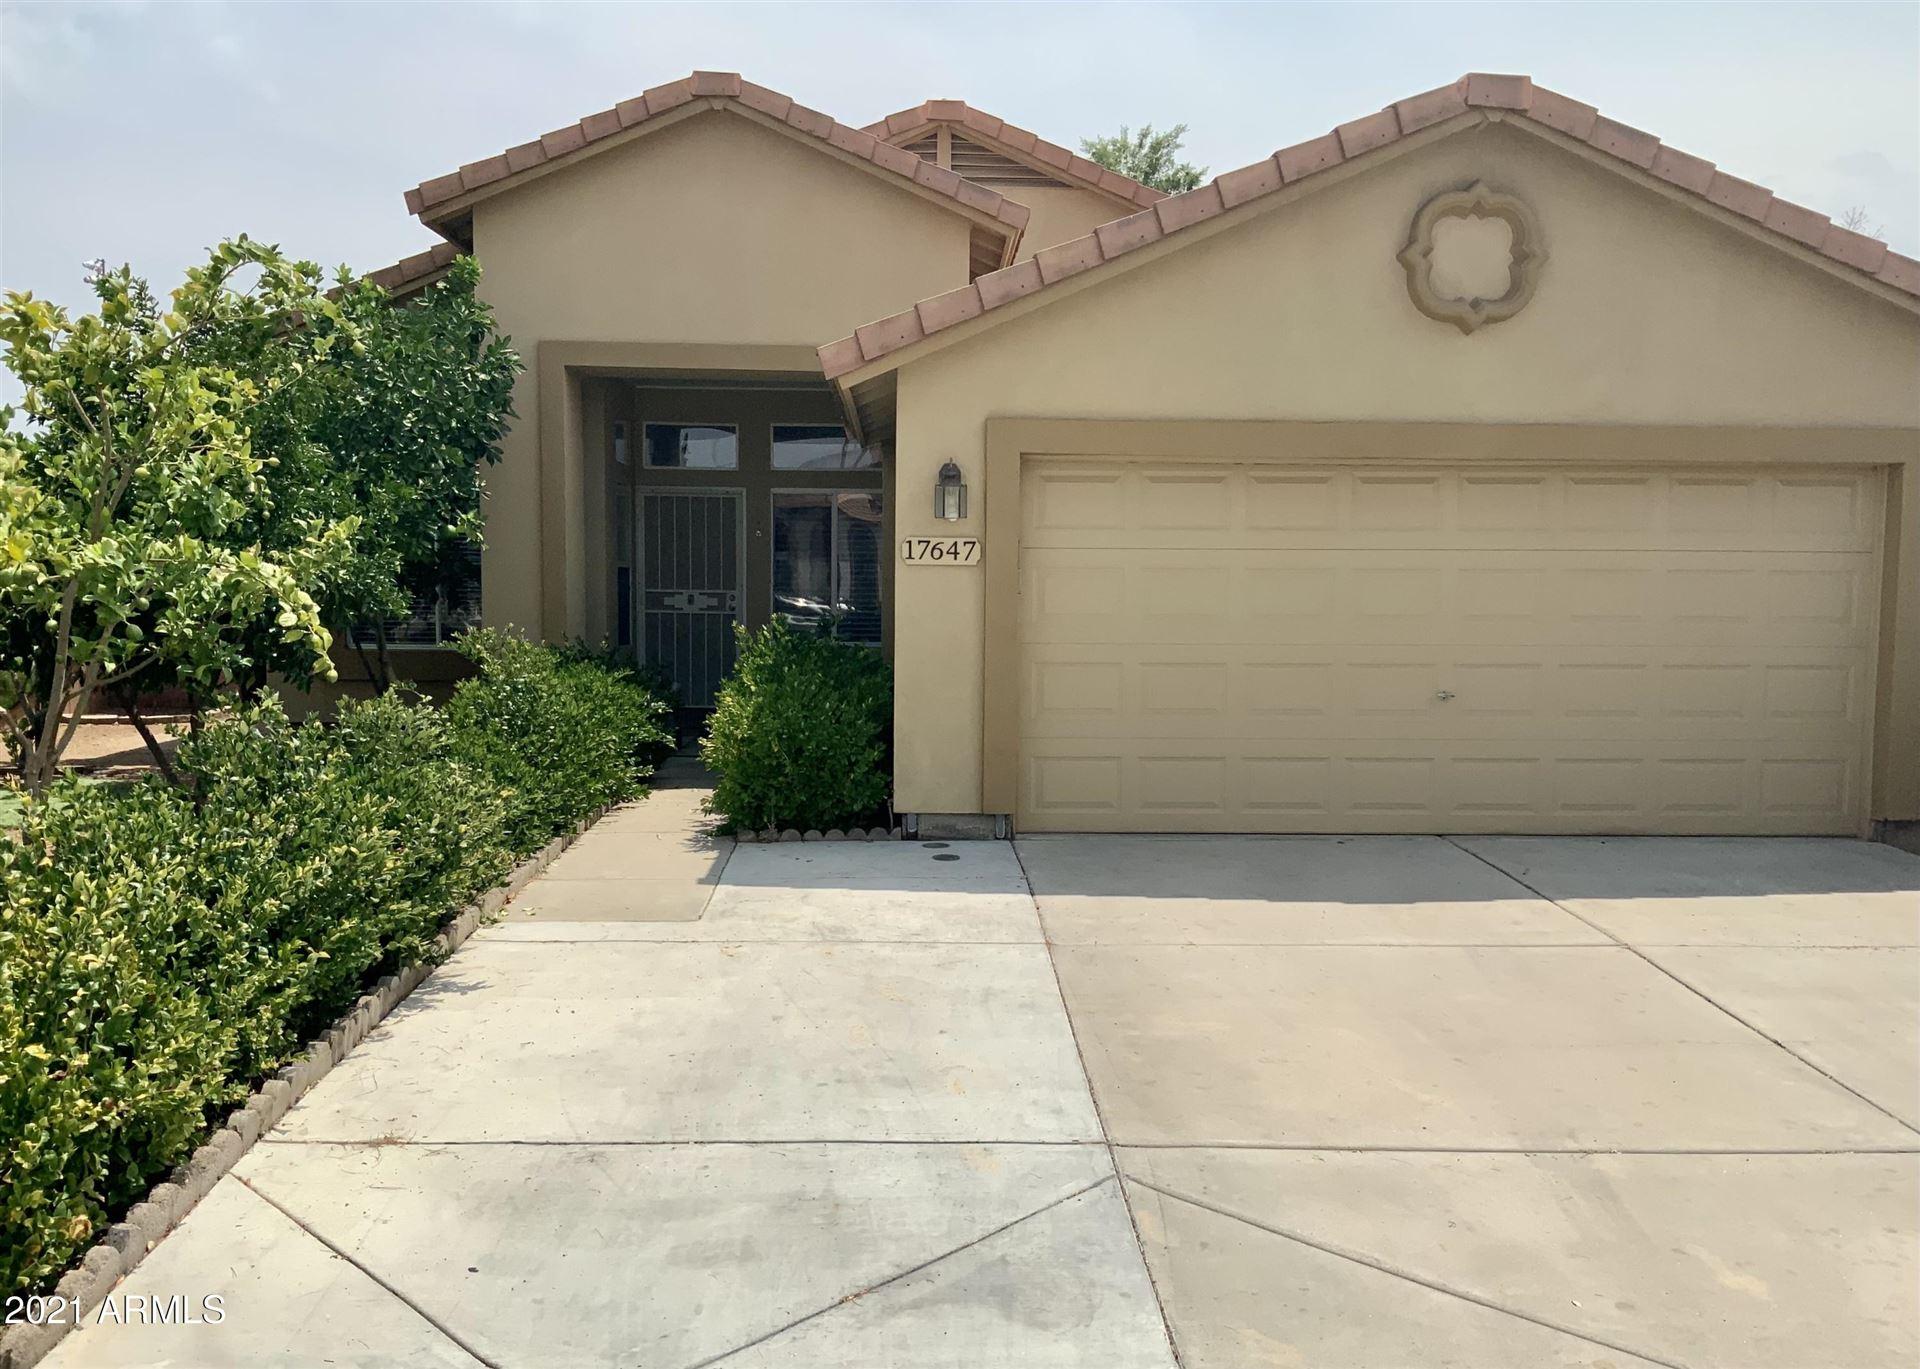 Photo of 17647 N 17TH Street, Phoenix, AZ 85022 (MLS # 6266375)